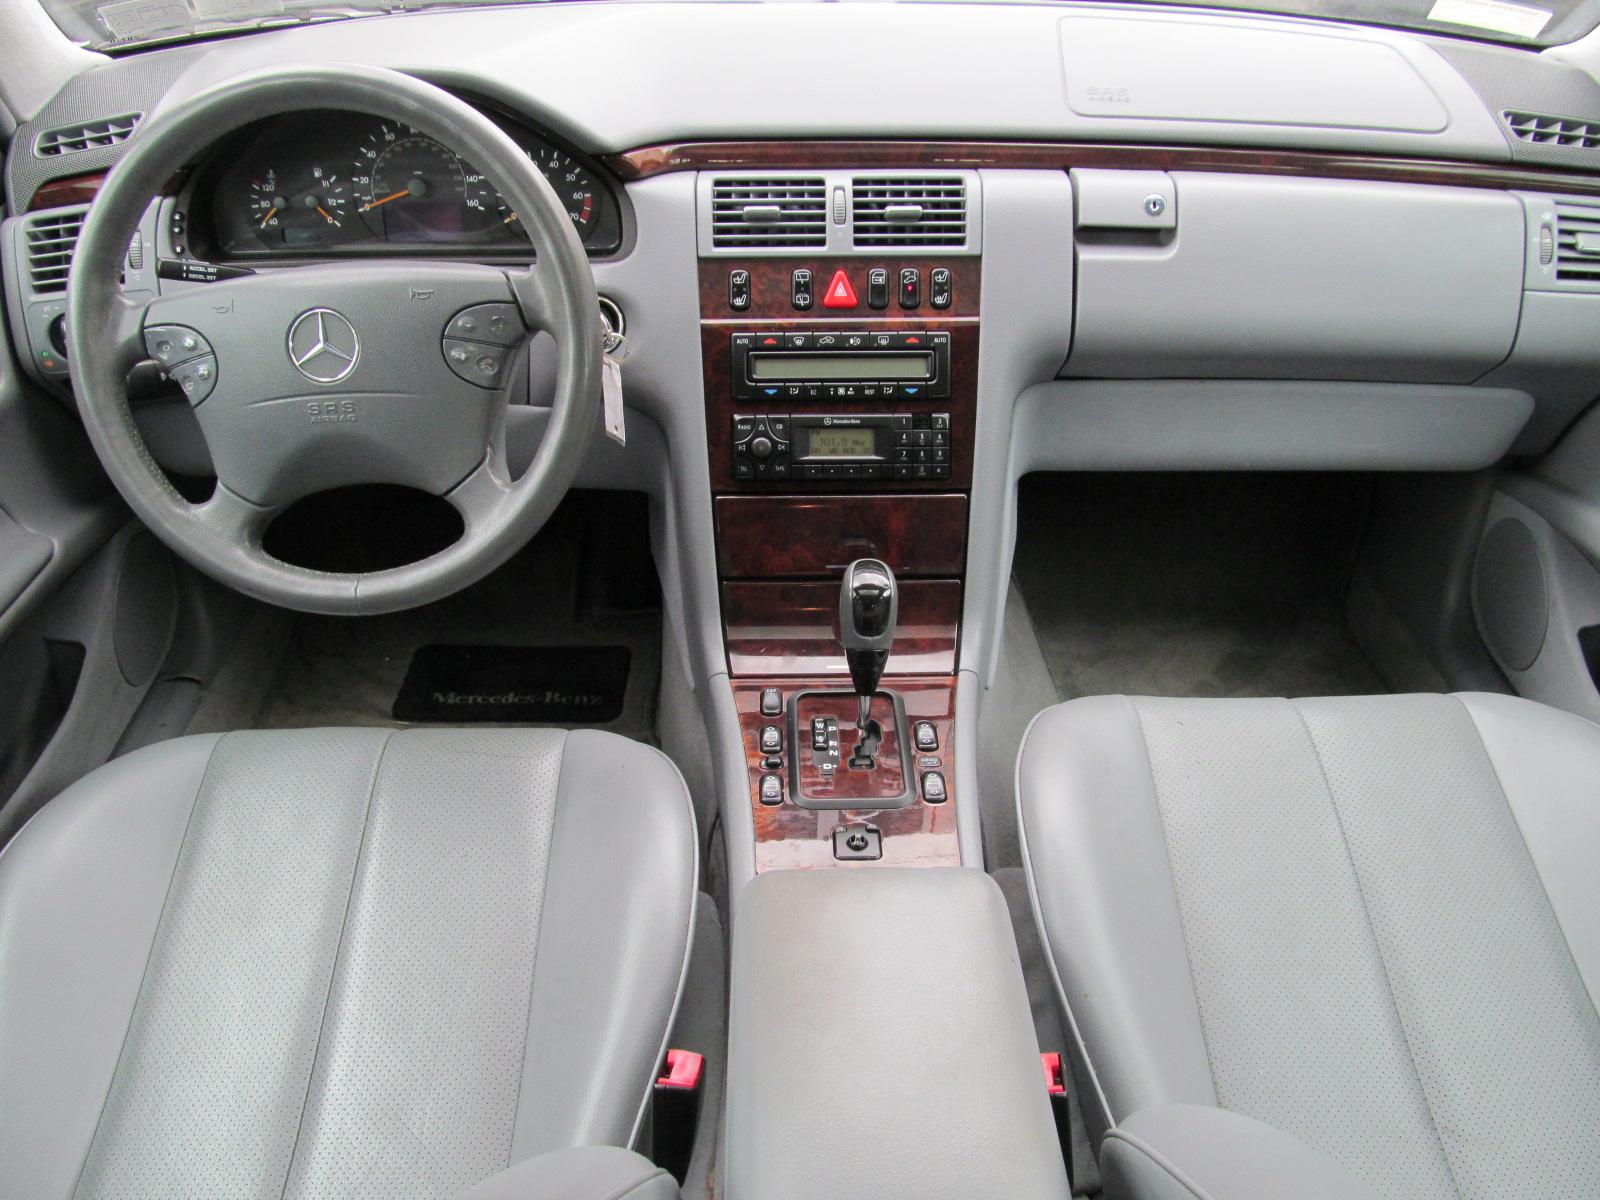 2001 mercedes benz e class interior pictures cargurus for 2001 mercedes benz e320 review